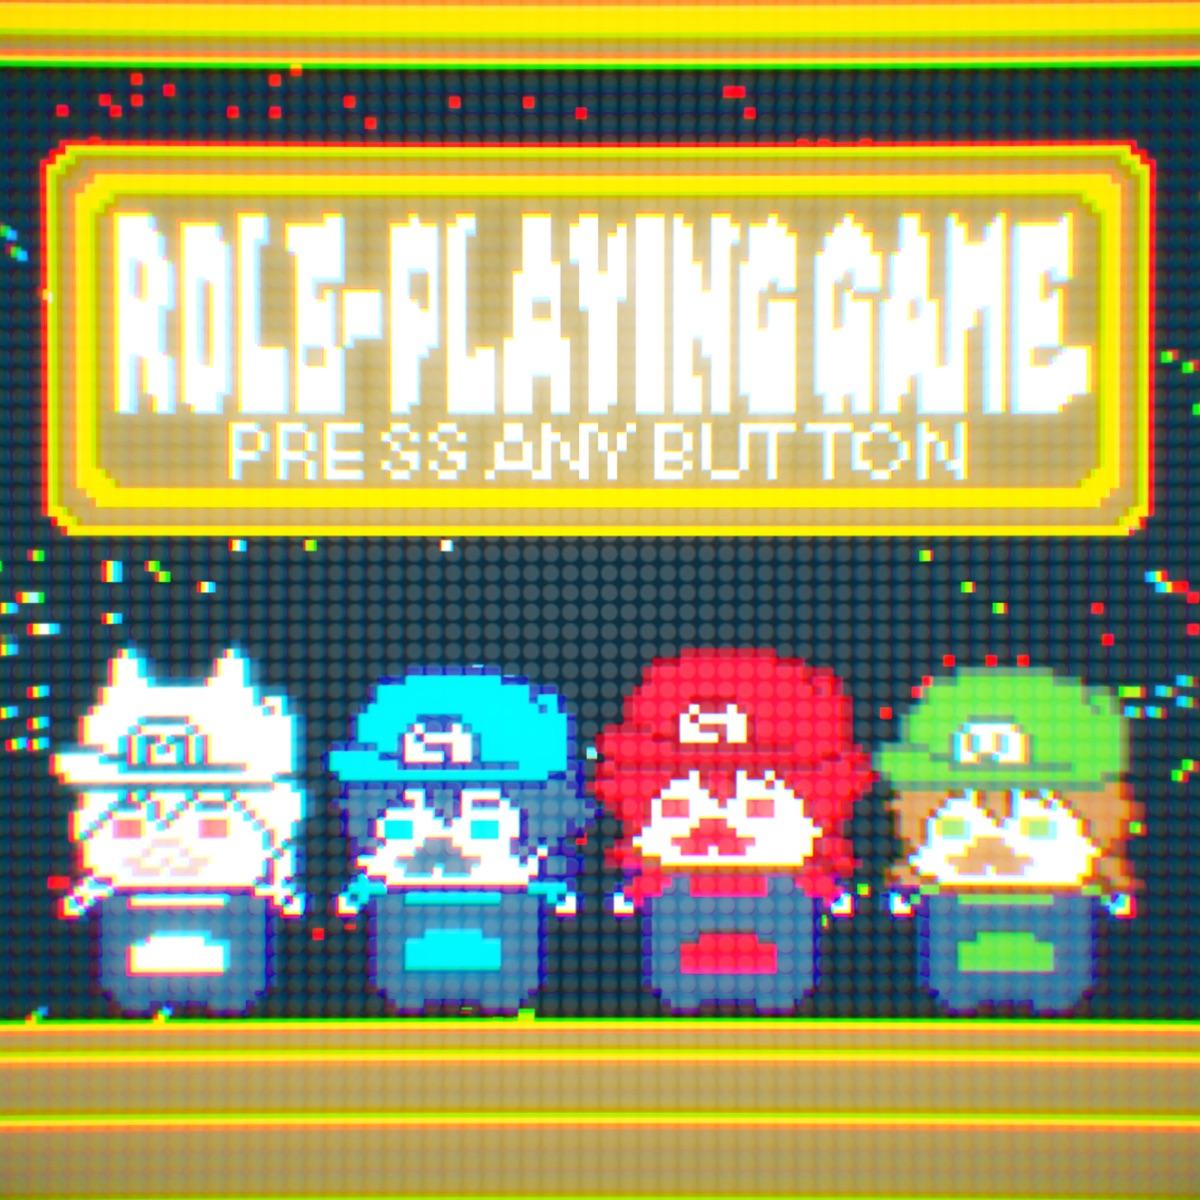 『そらまふうらさか - ロールプレイングゲーム』収録の『ロールプレイングゲーム』ジャケット